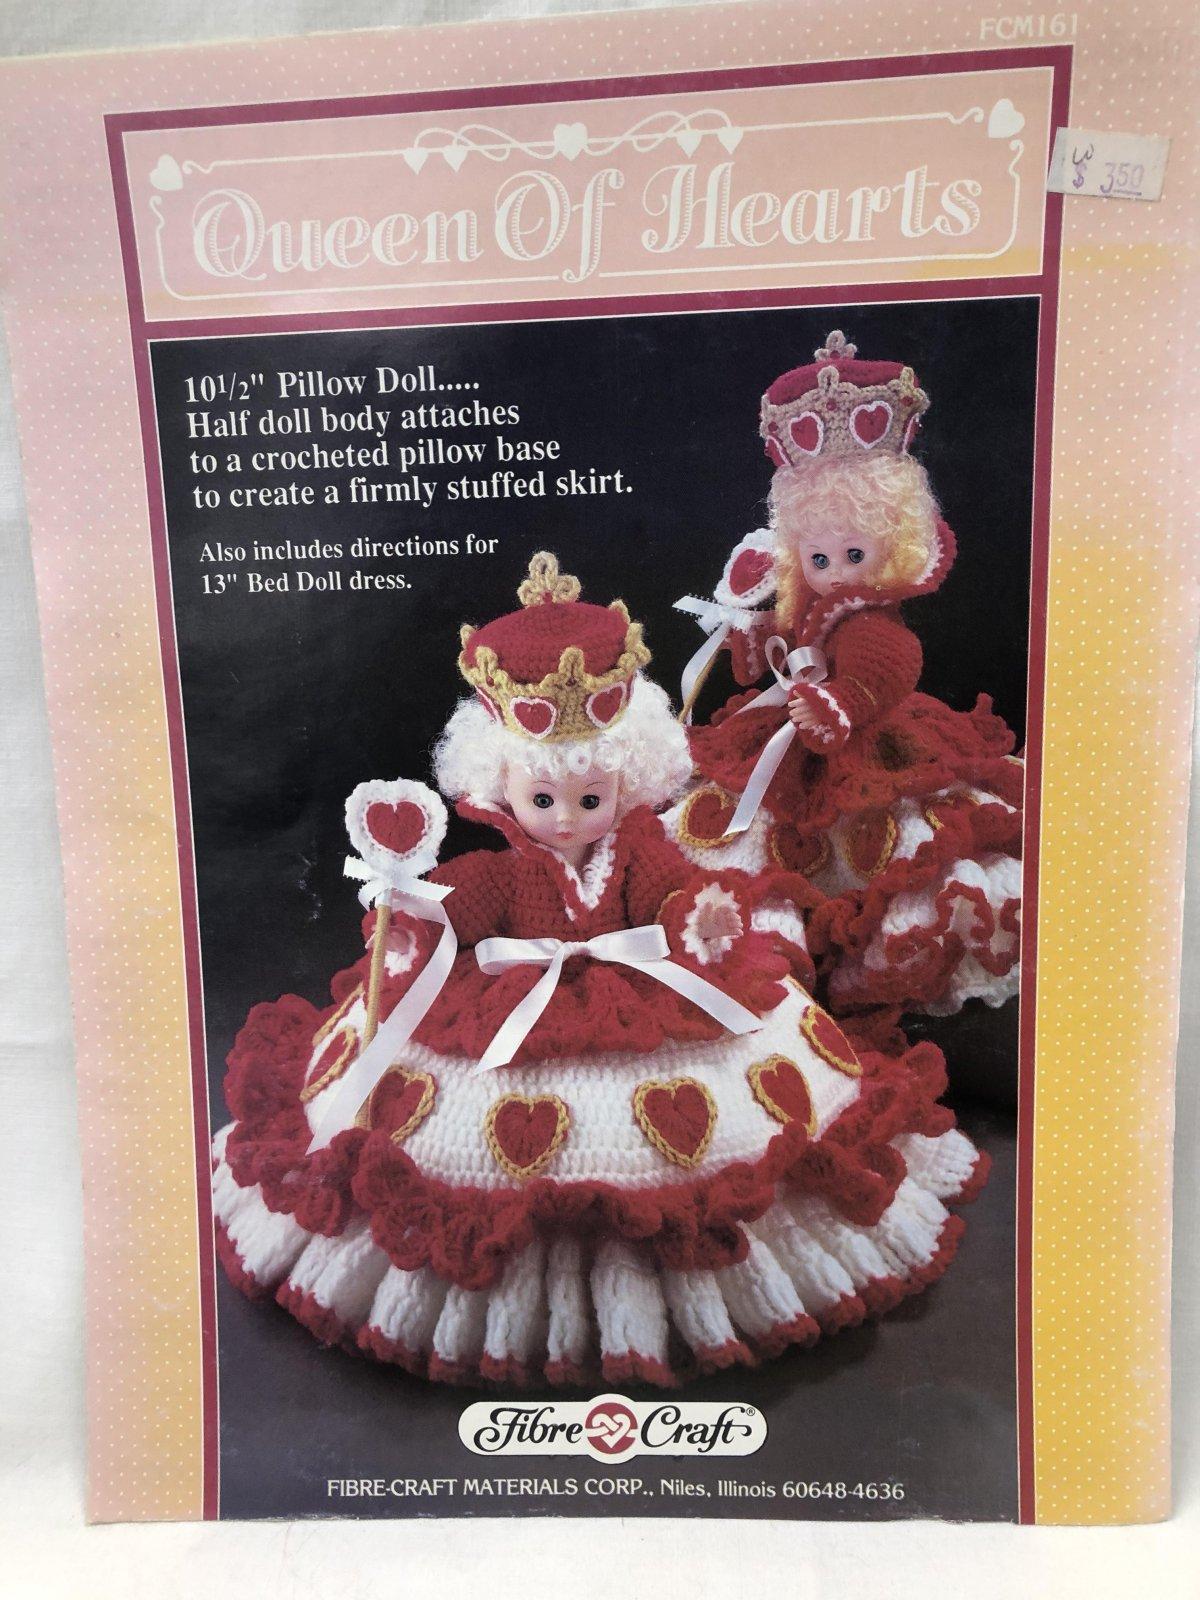 Queen of Hearts Crochet Pillow Doll